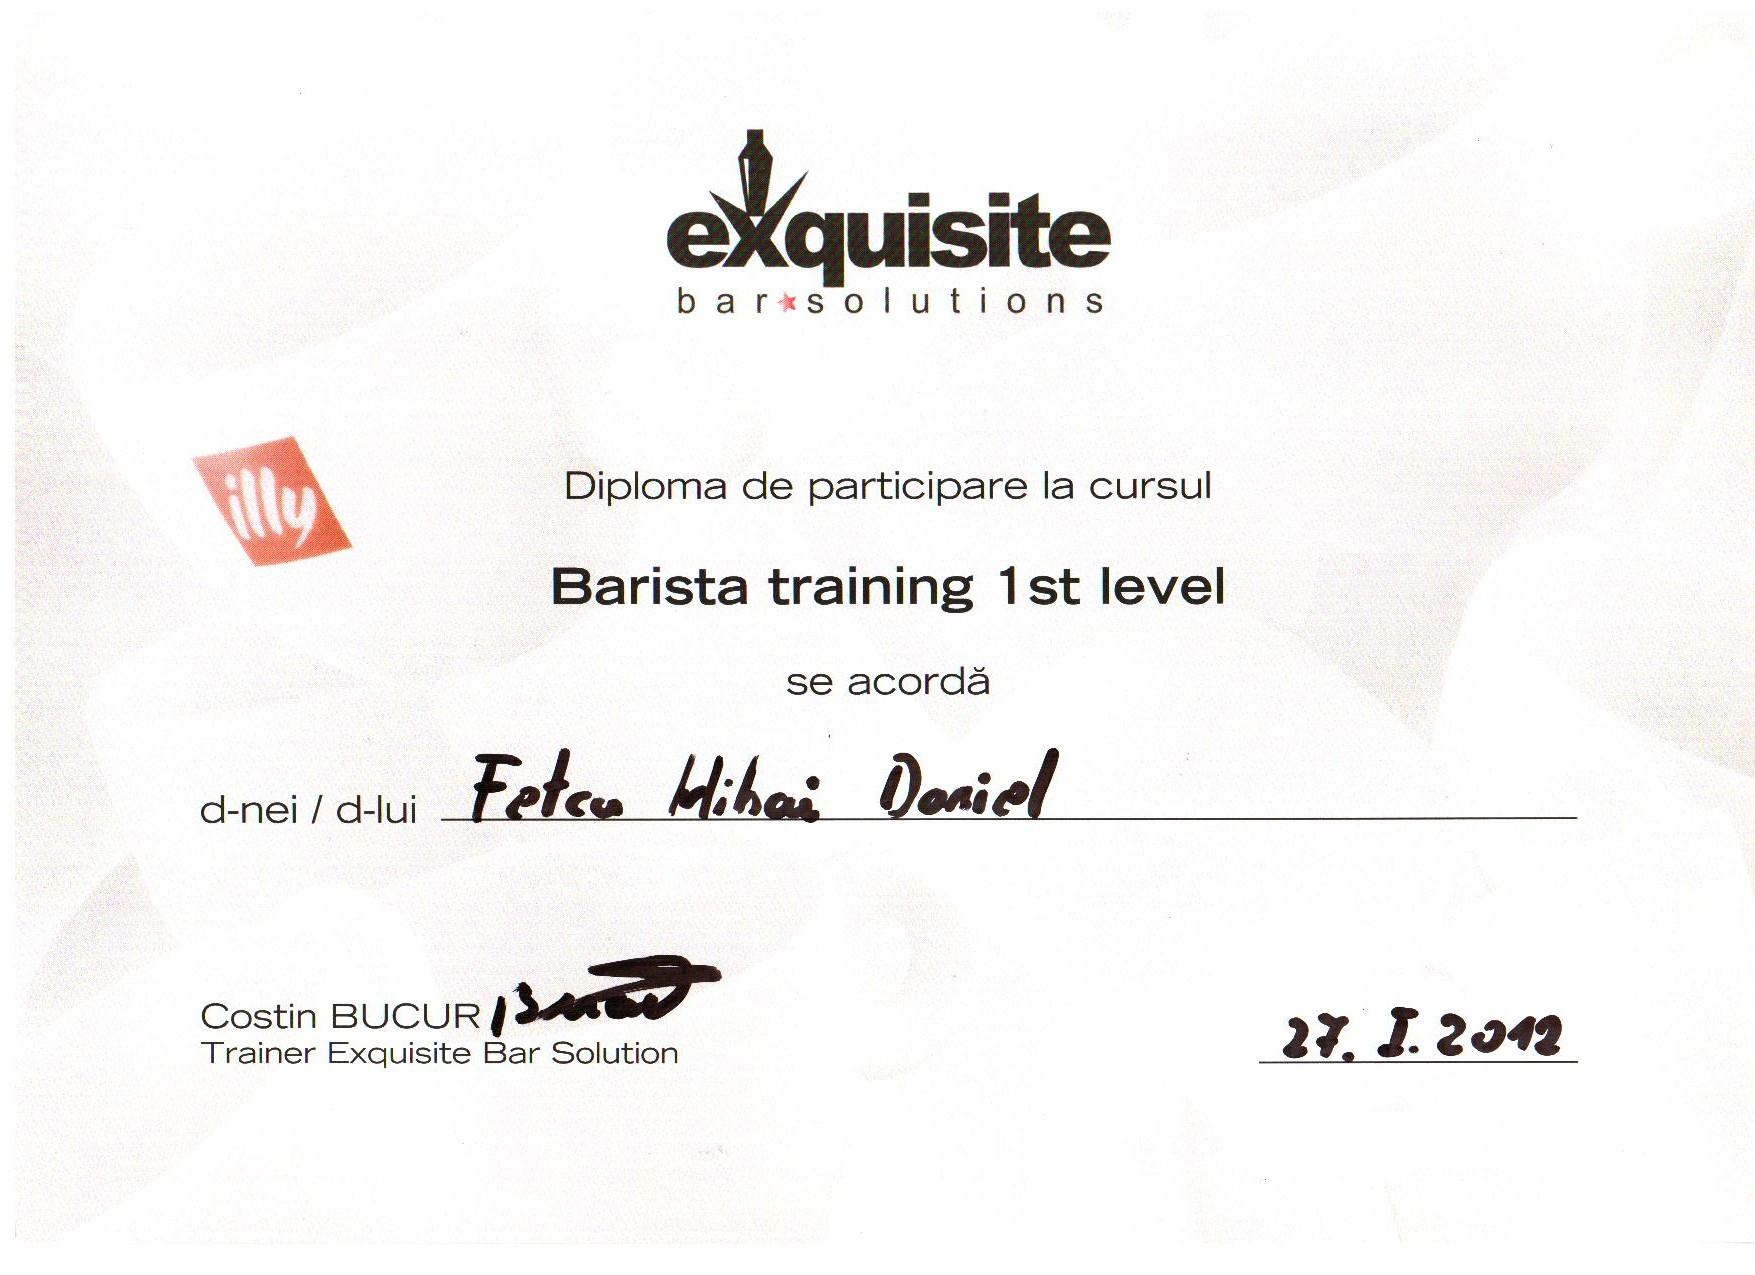 I_Barista training 1 st level_2012